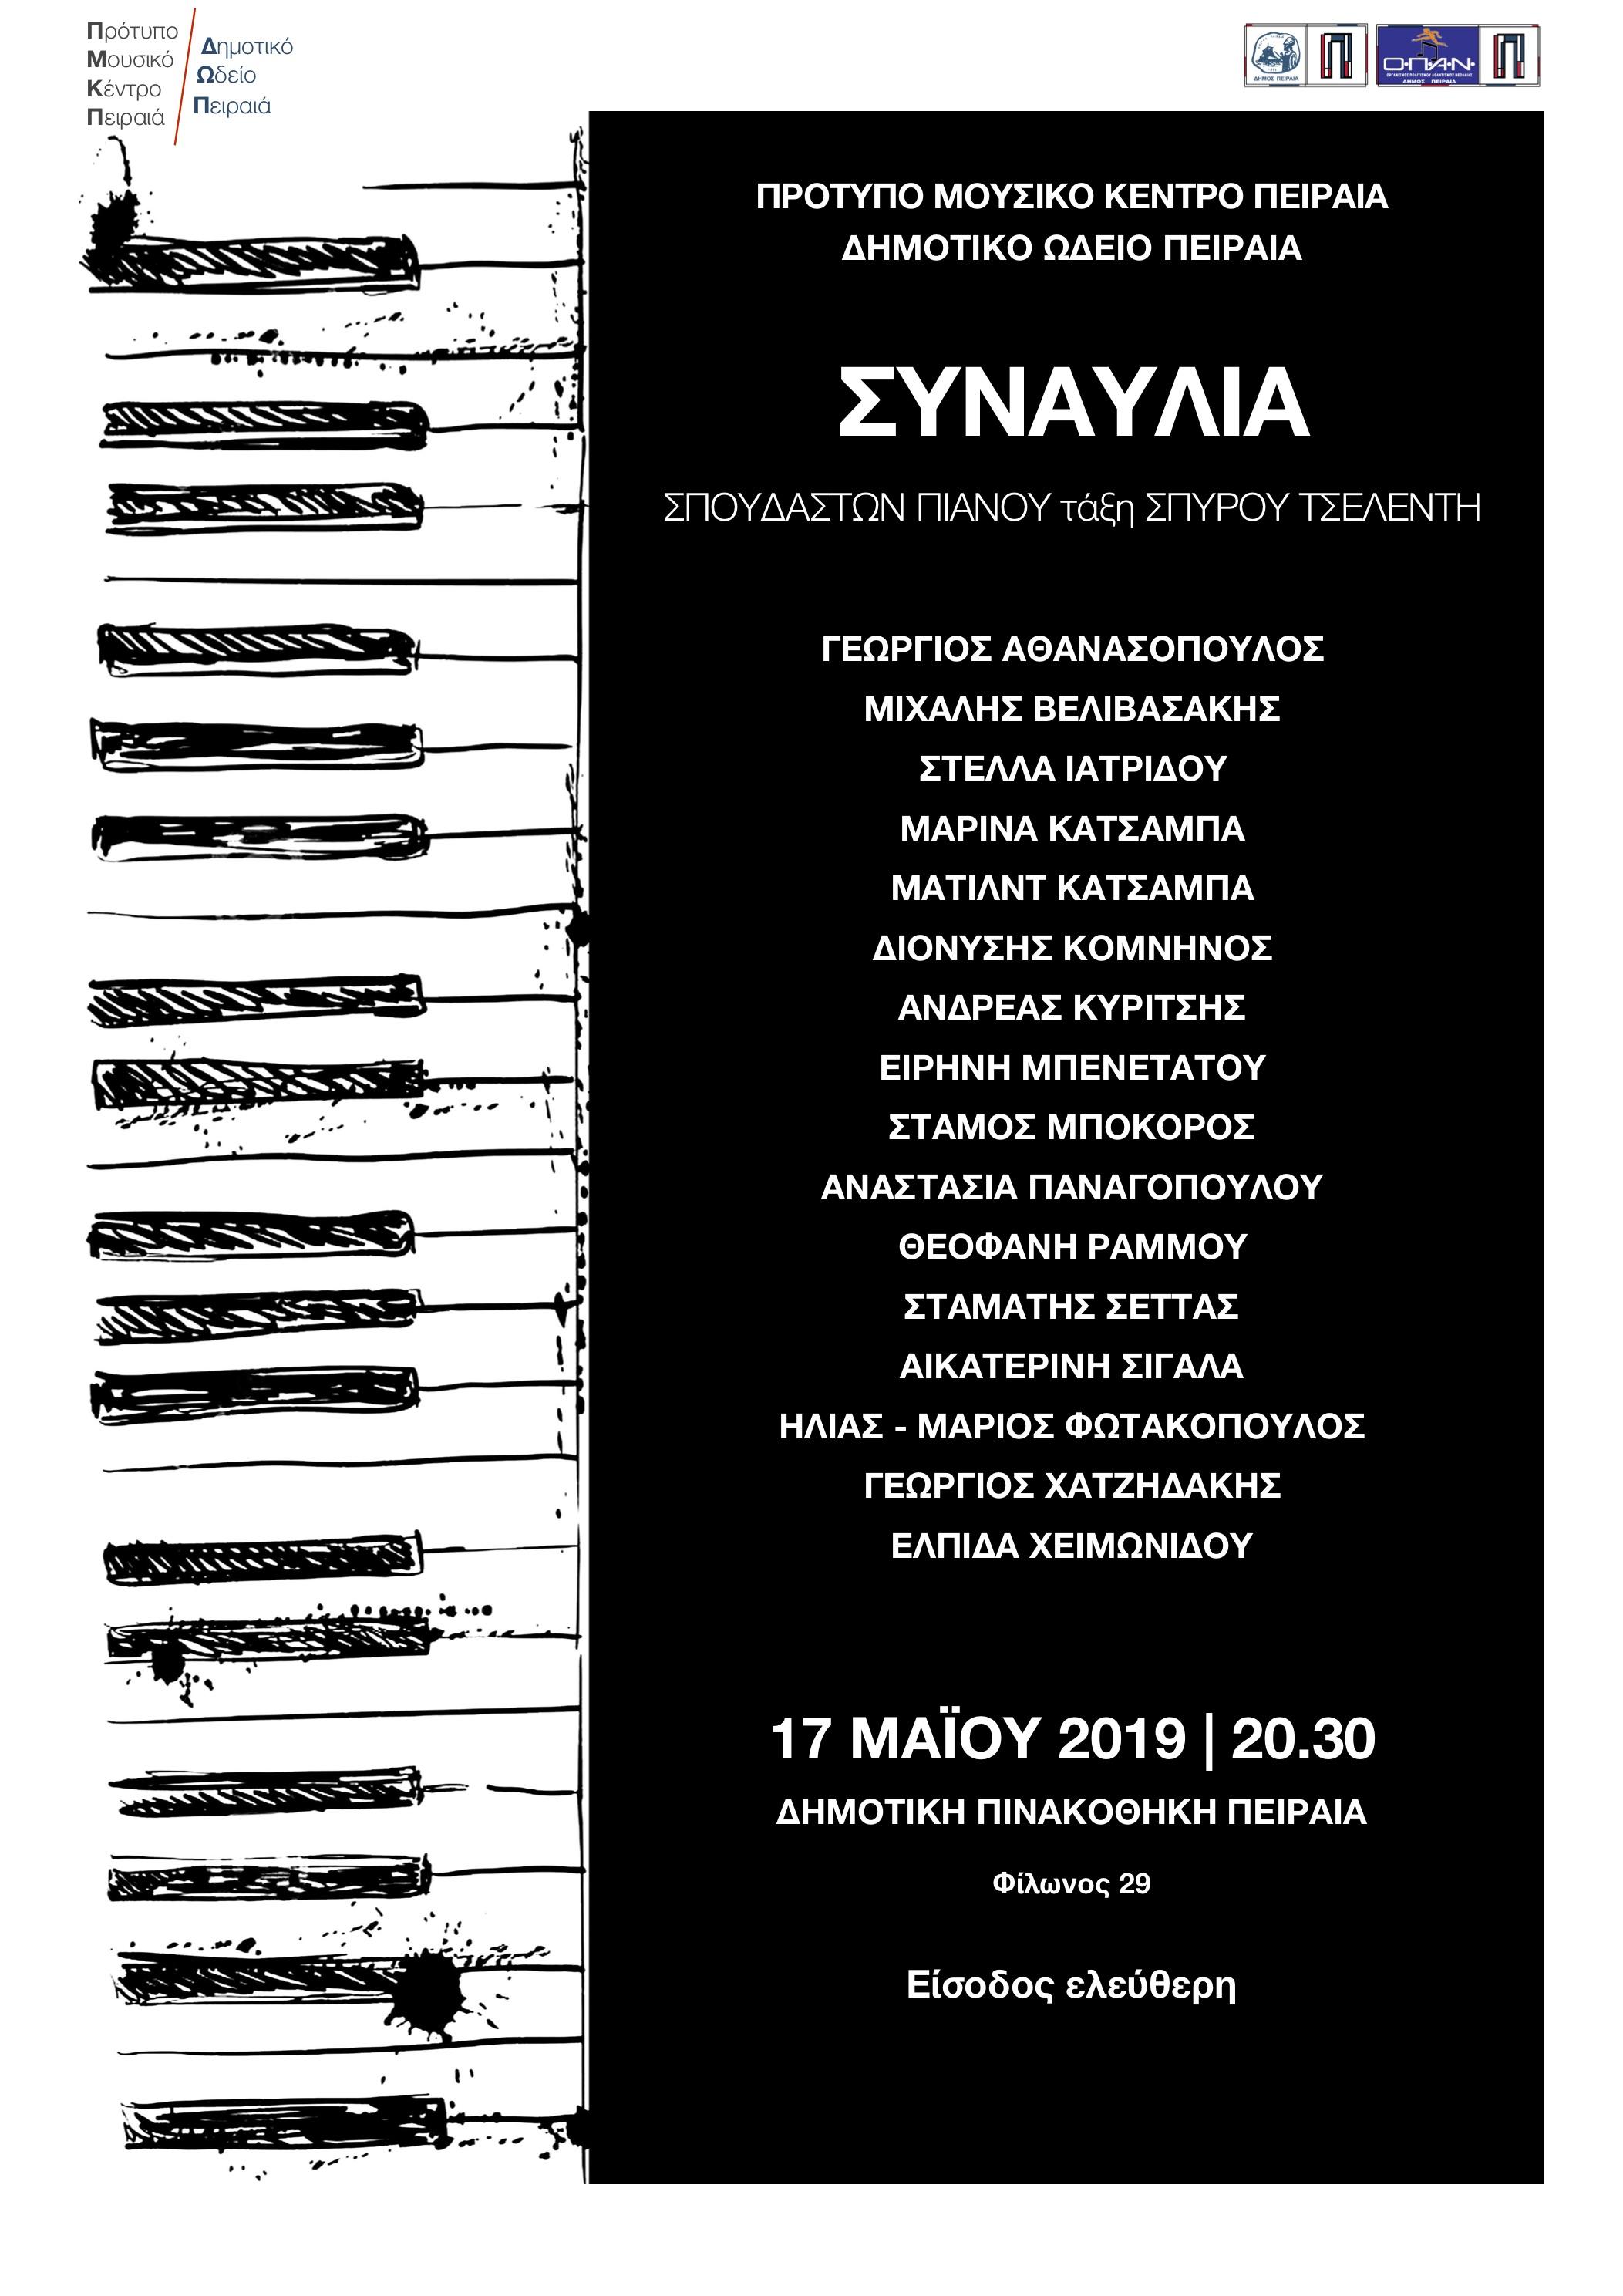 Συναυλία Κλασικού Πιάνου  στη Δημοτική Πινακοθήκη Πειραιά